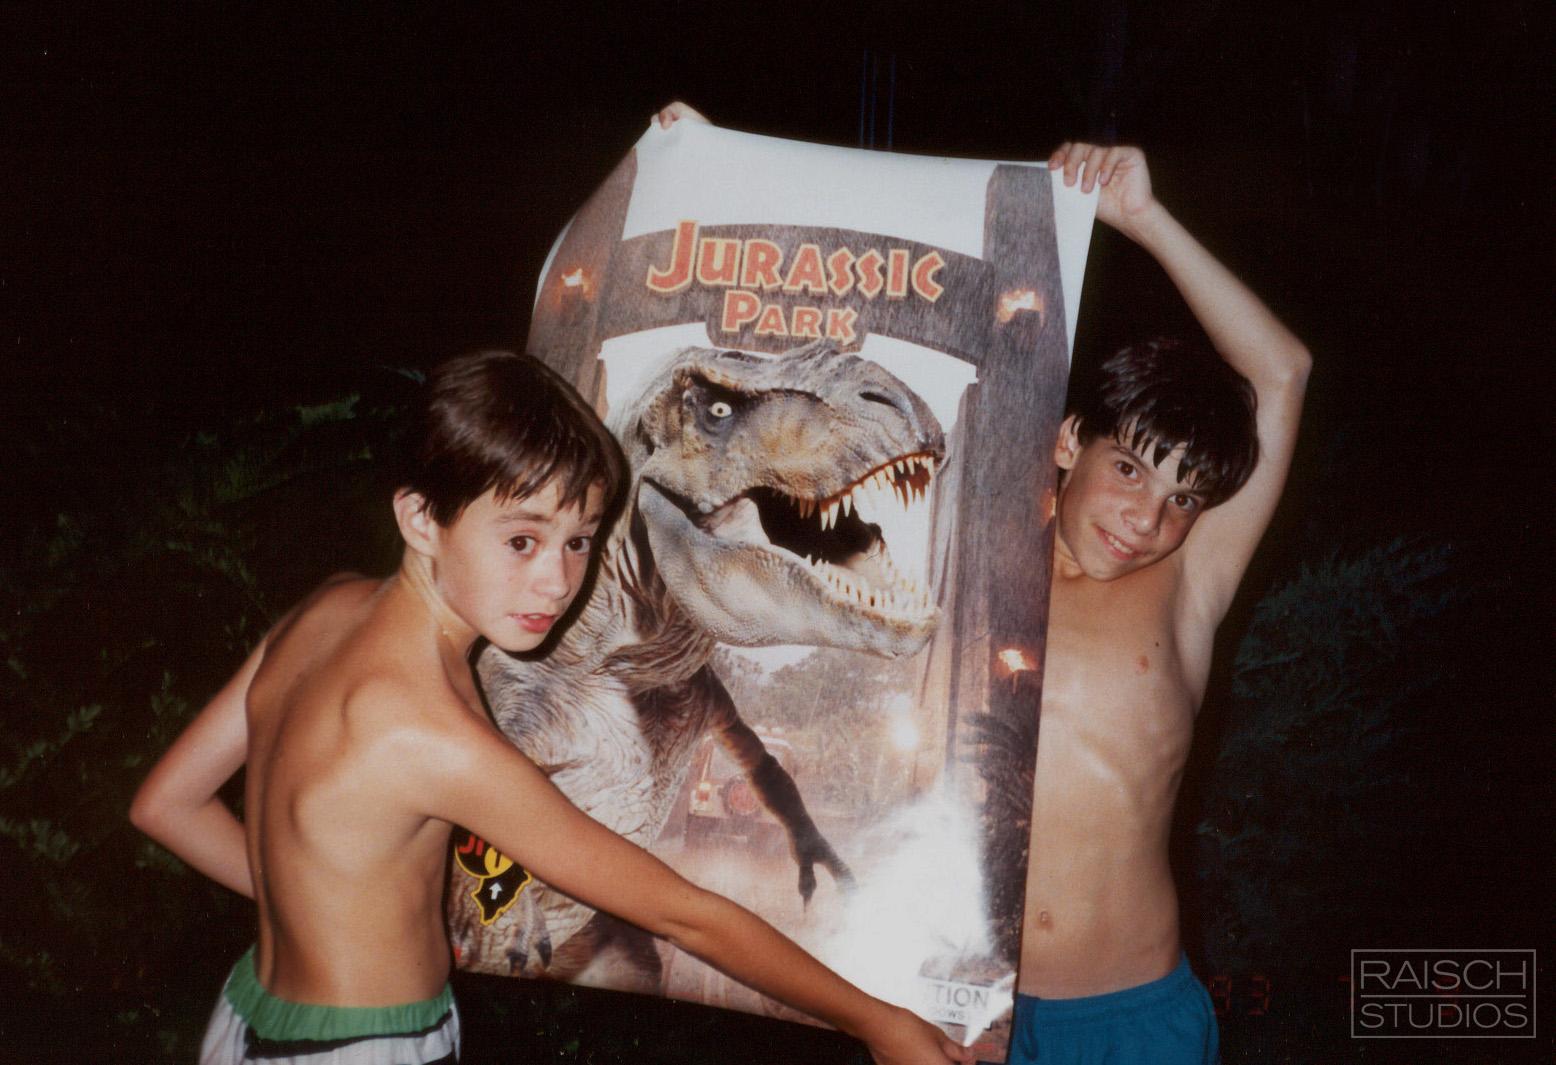 ichael Raisch and David Chakrin, Summer 1993